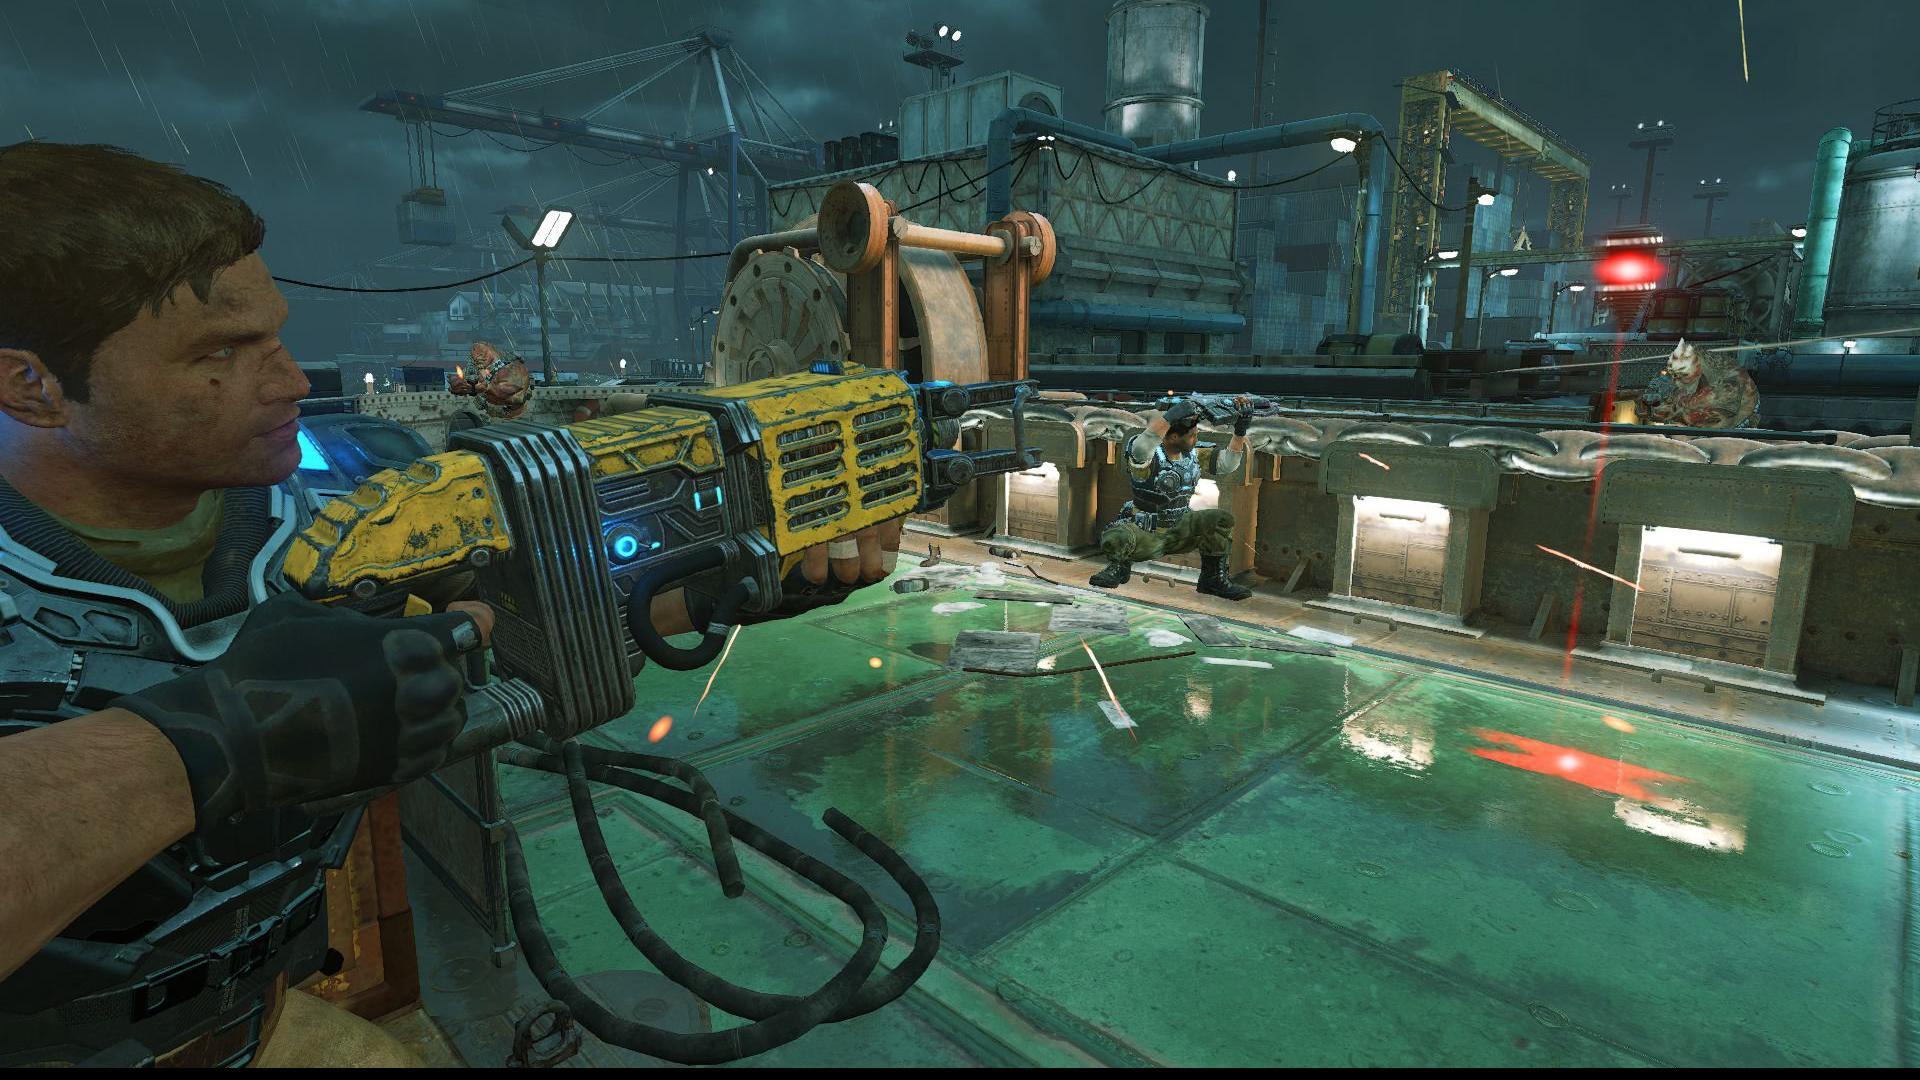 gears_of_war_4_screenshot_ce68cab8.jpeg - Gears of War 4